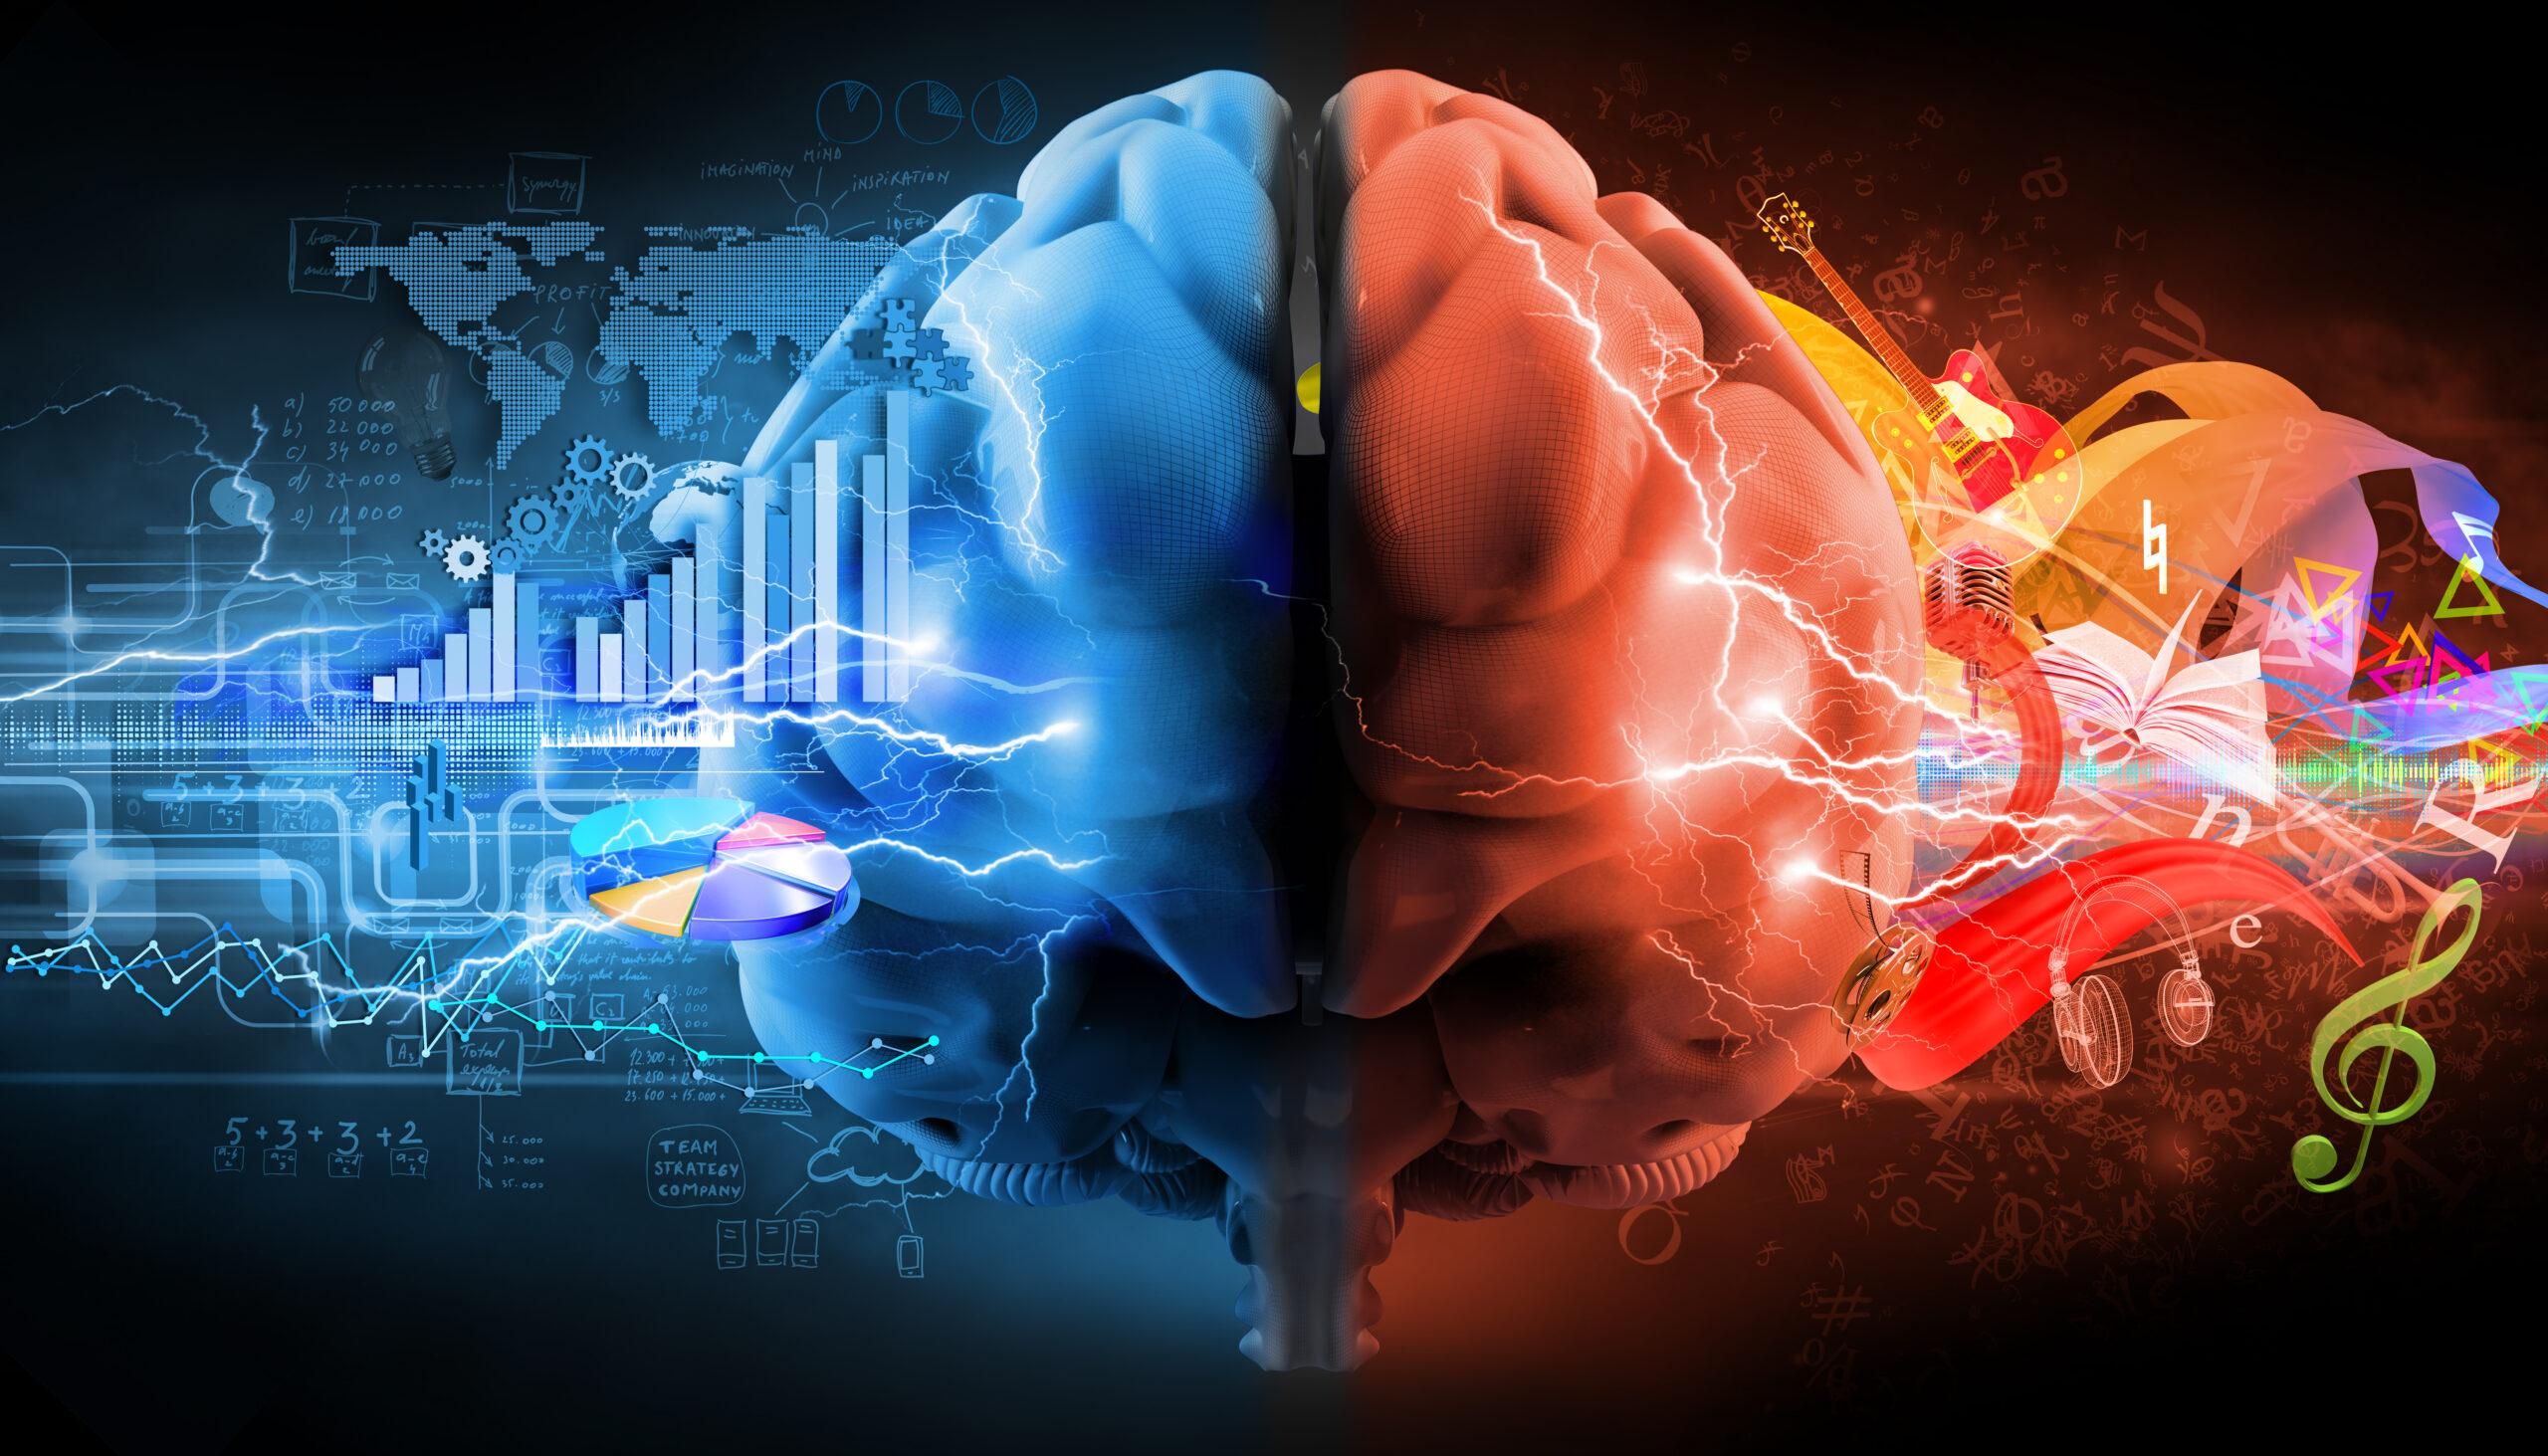 Image symbole des capacités cérébrales